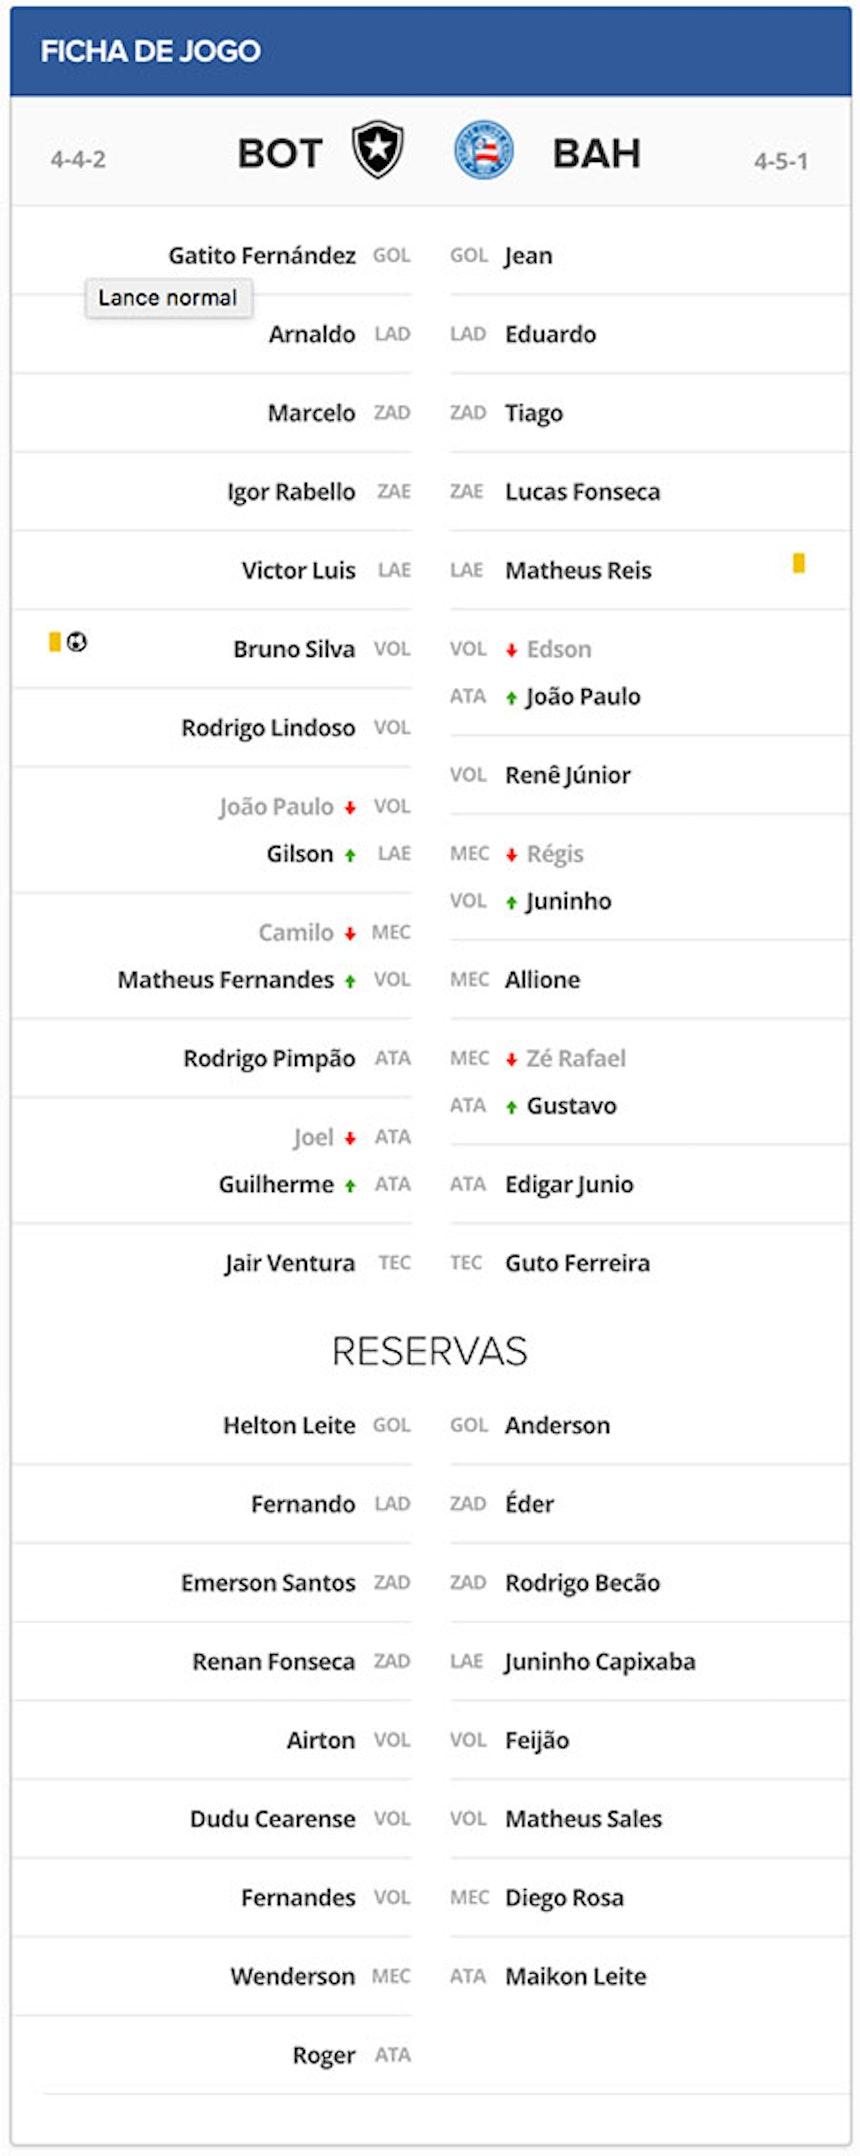 Ficha Técnica - Botafogo x Bahia no Engenhao pela terceira rodada do Brasileirao